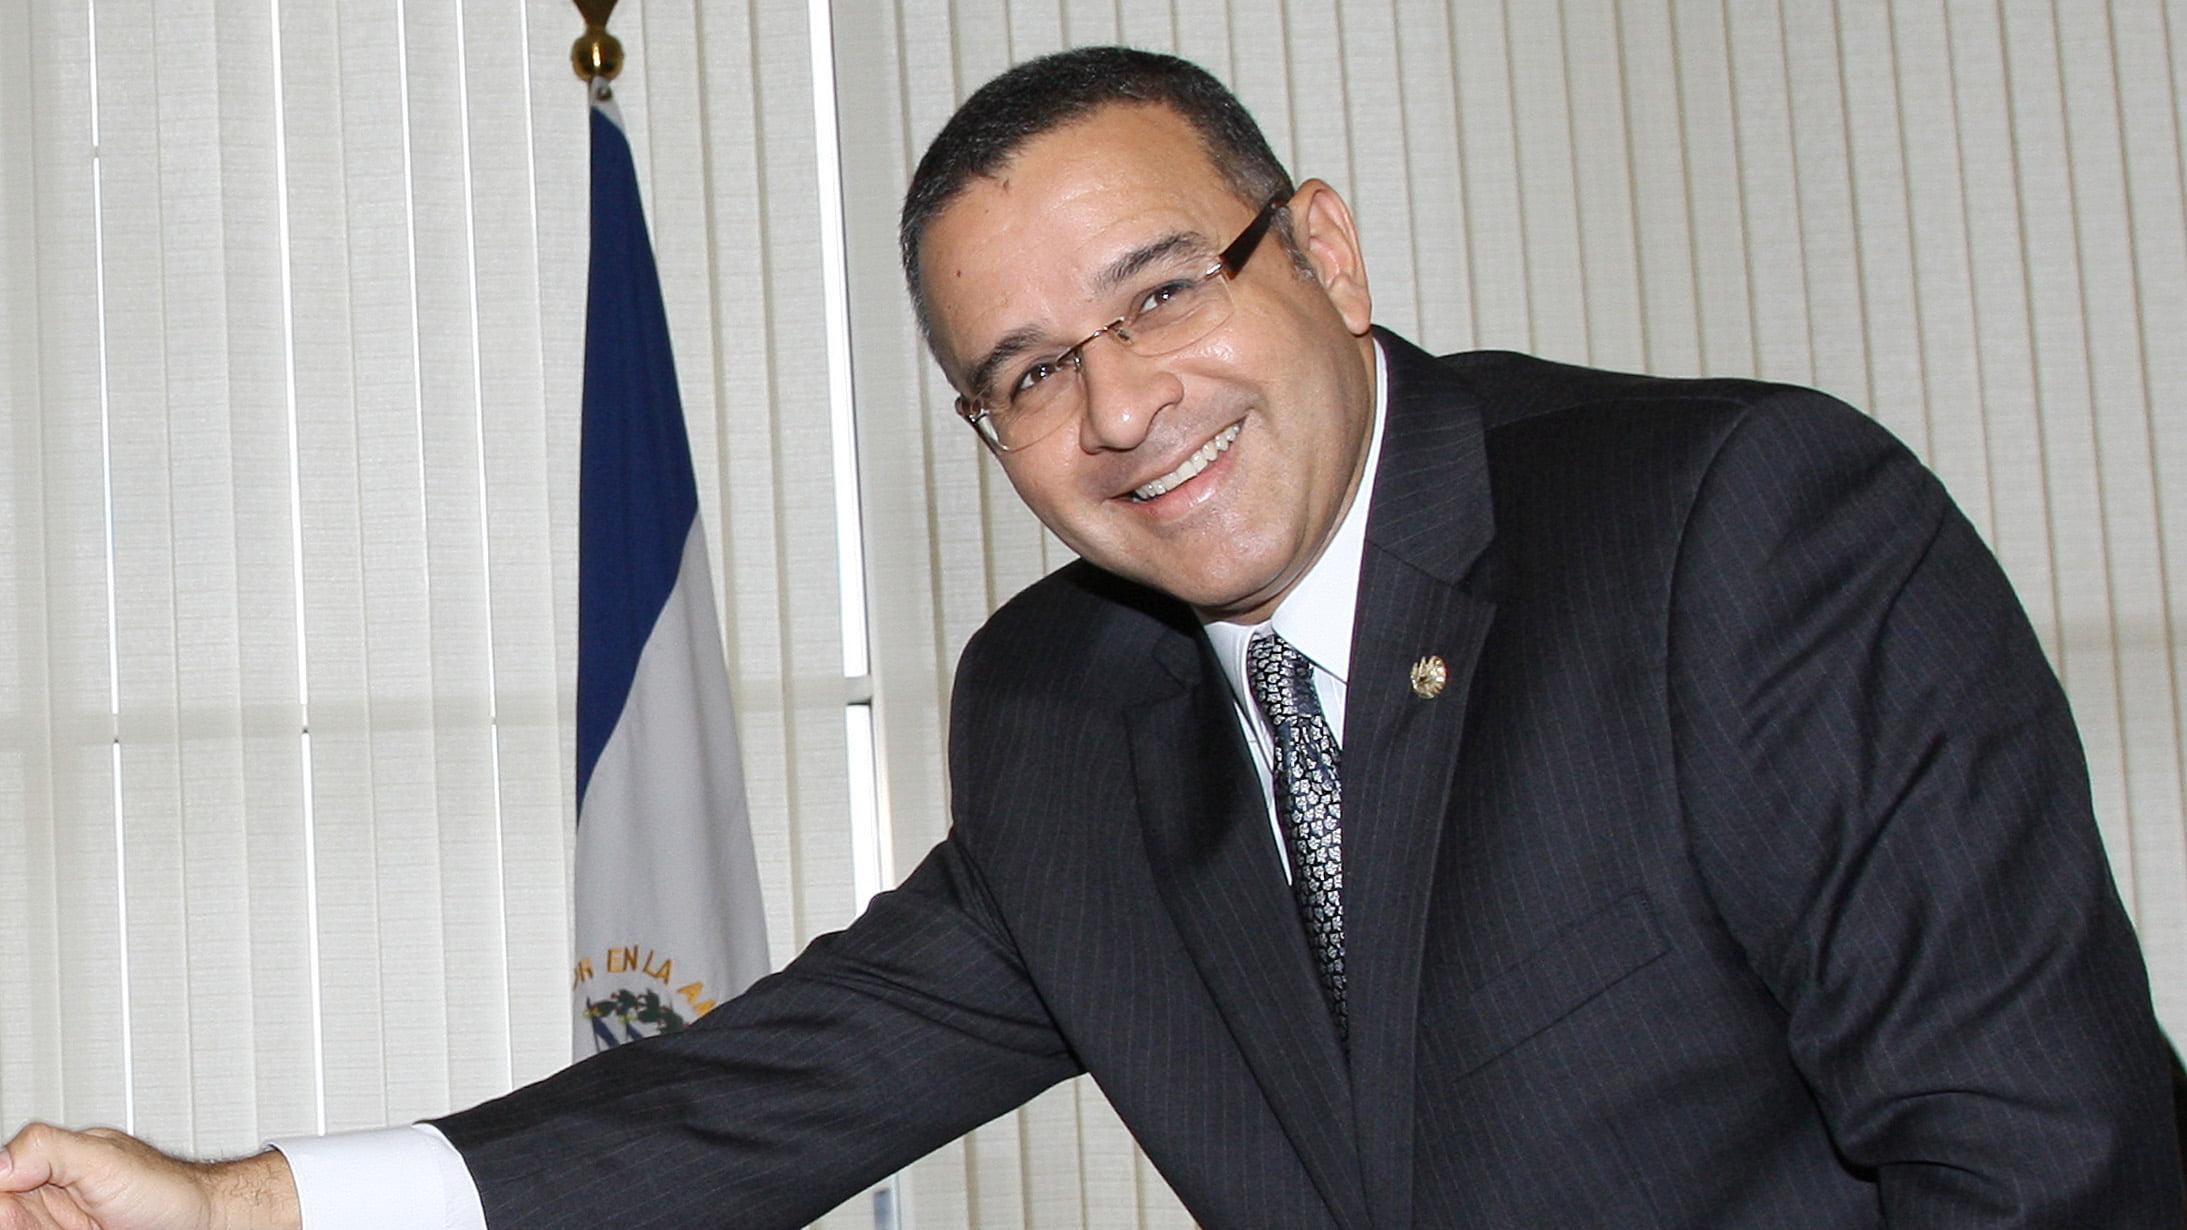 gobierno de El Salvador-Mauricio Funes, Presidente de El Salvador durante el período 2009 - 2014